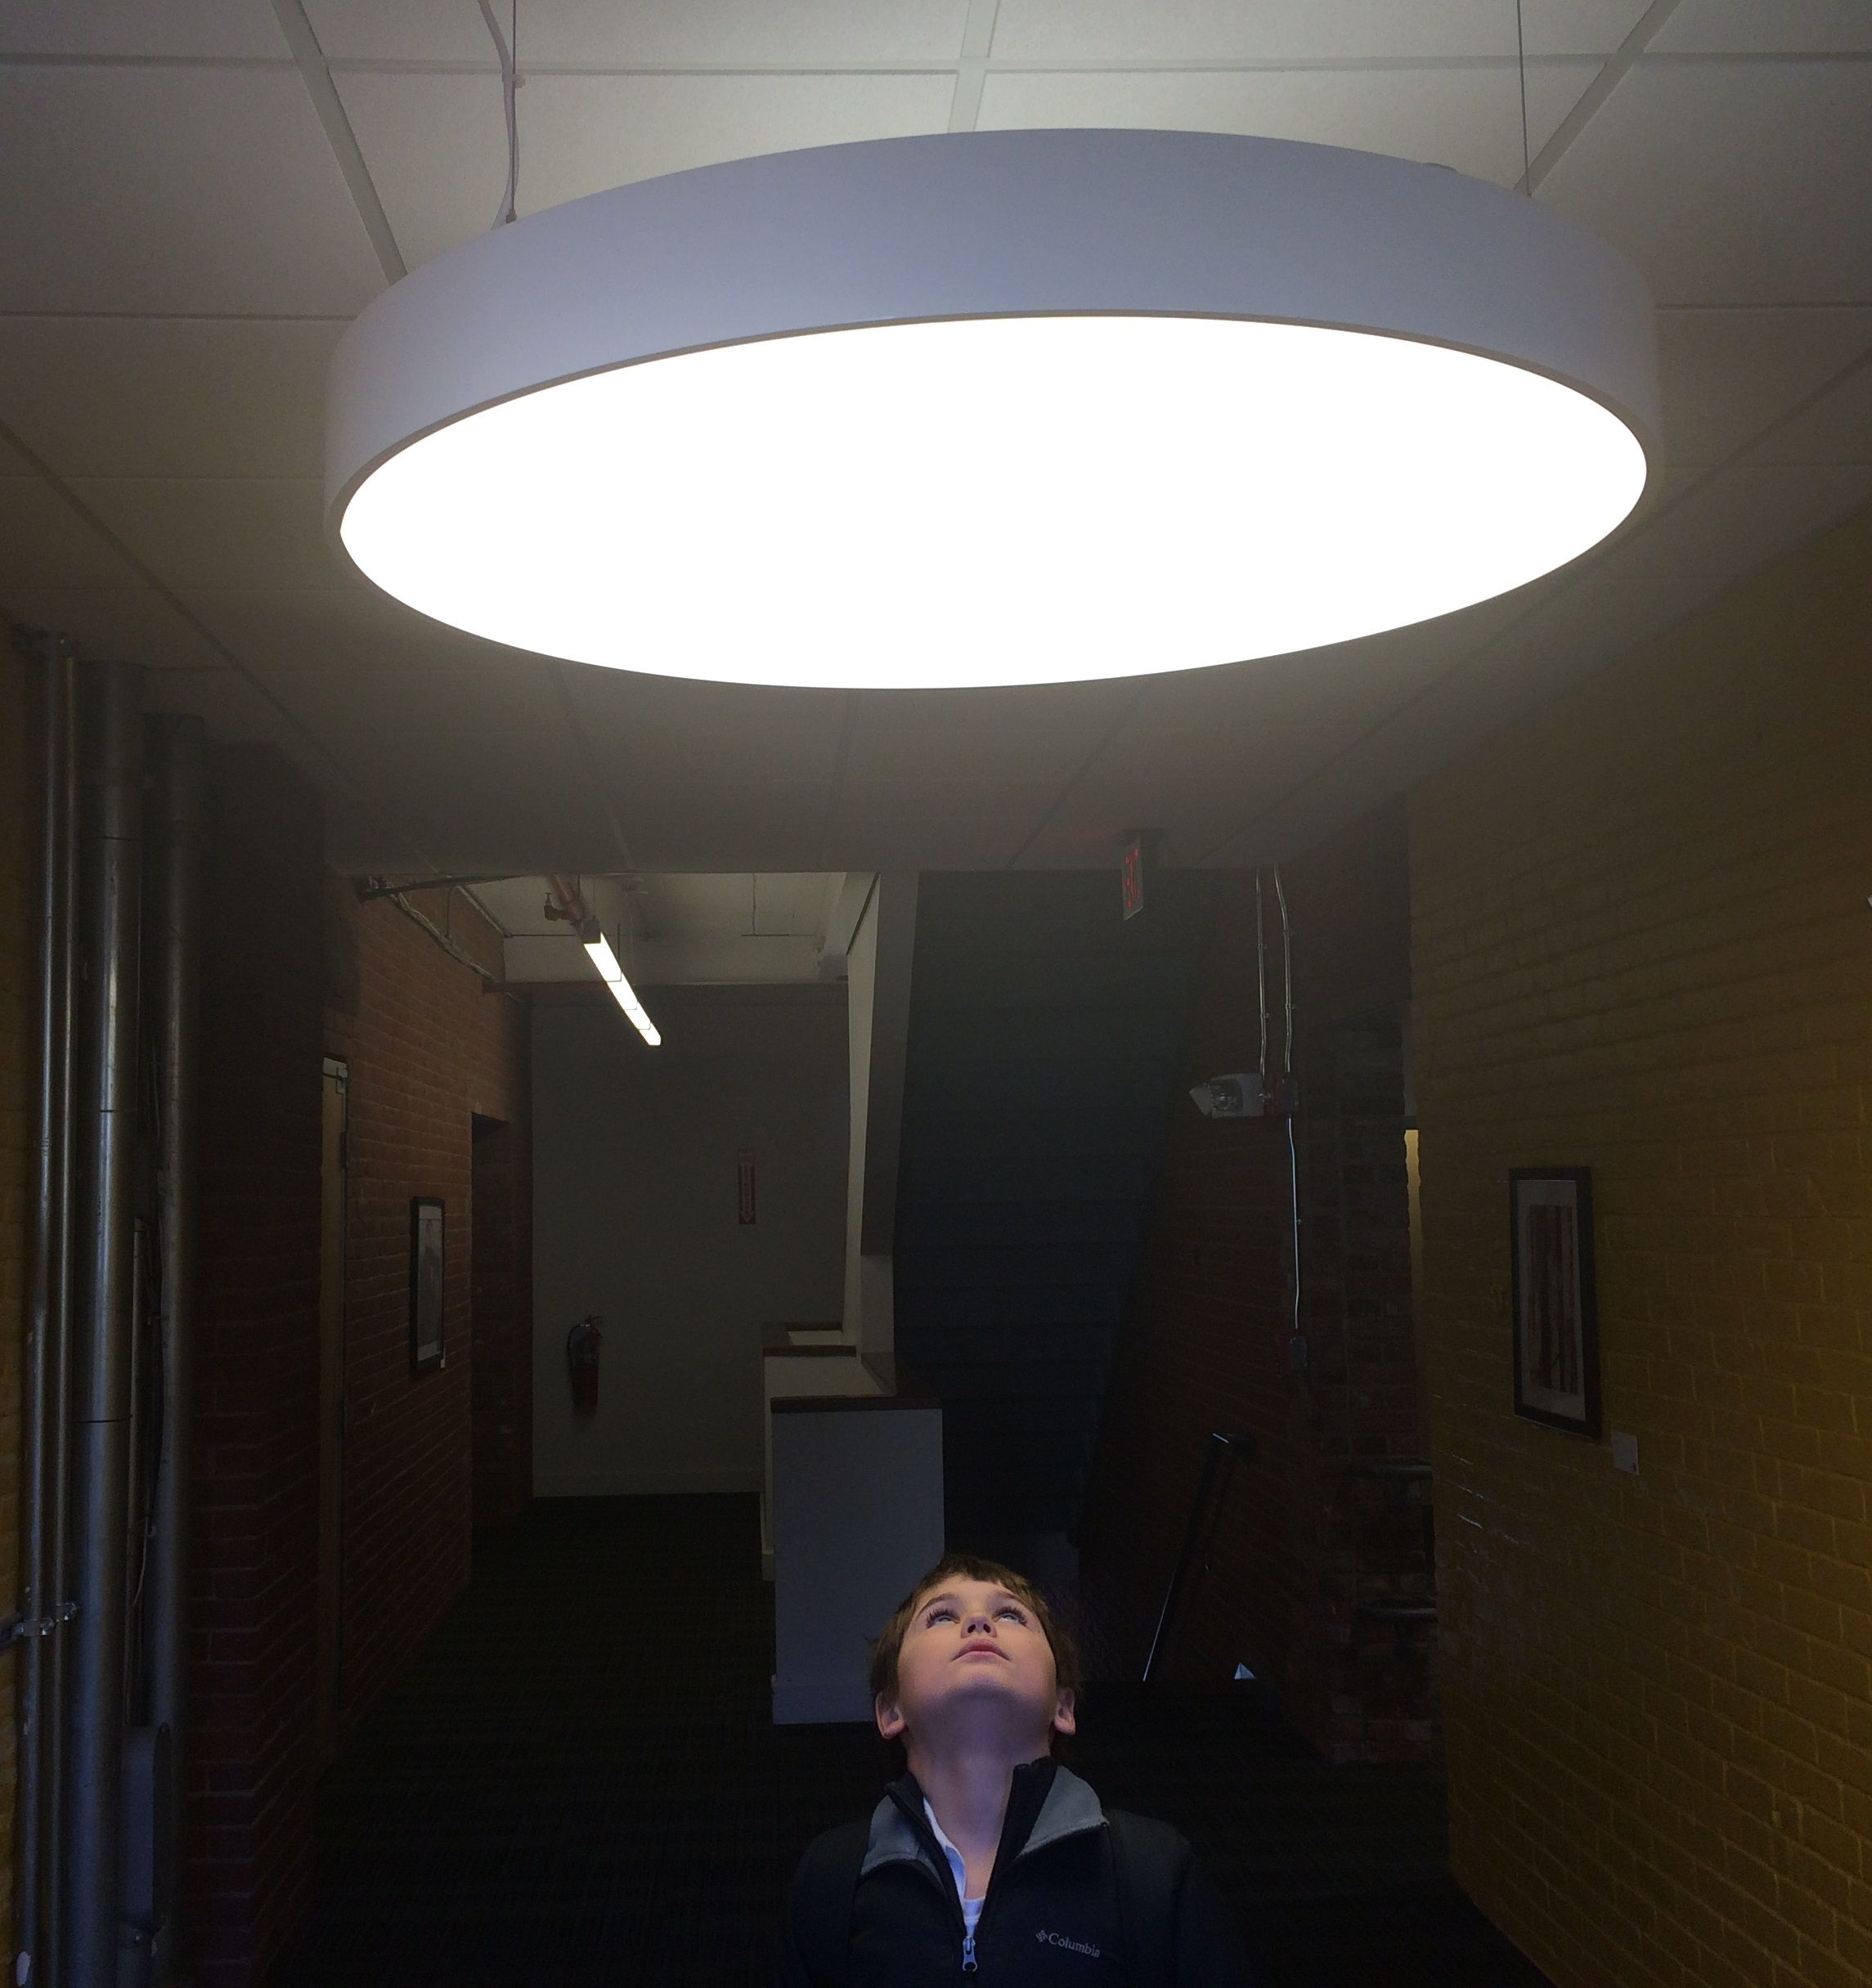 Skyoculus By Prudential Lighting Prulite Light Is